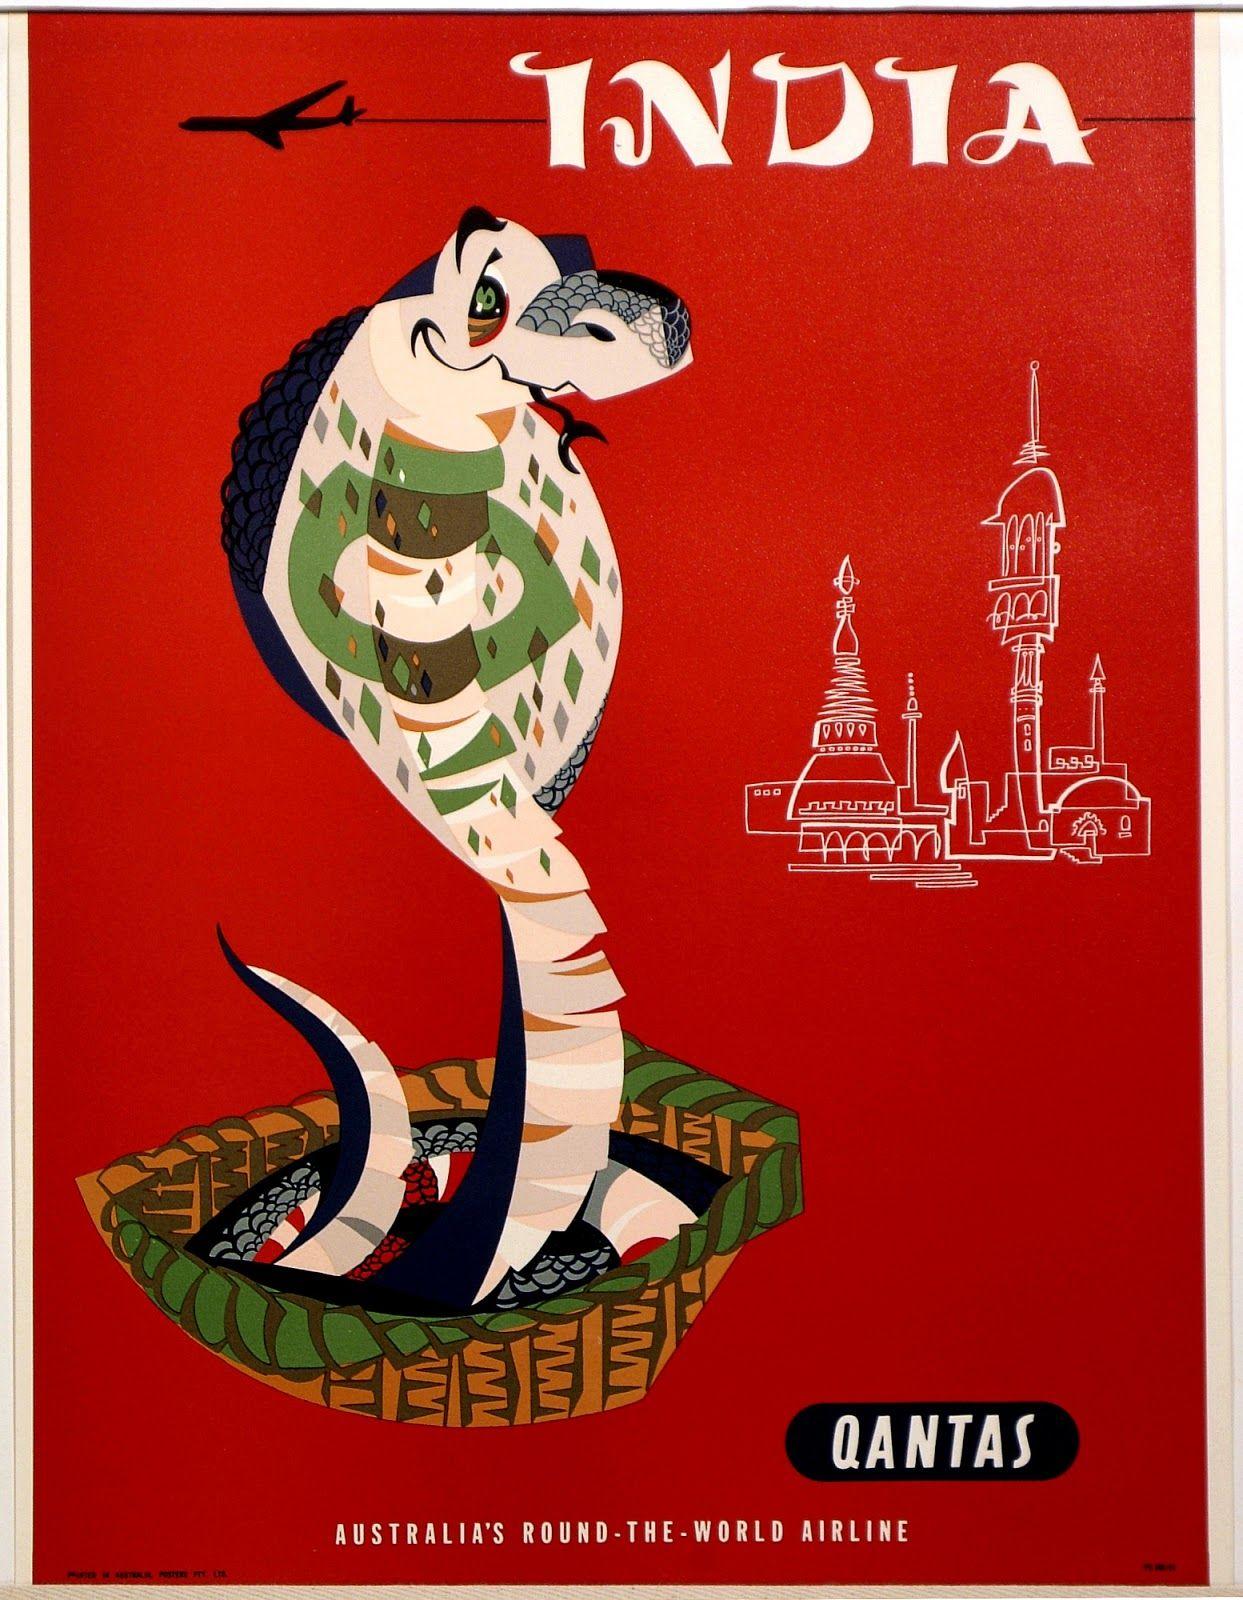 1950s-Qantas-India-Travel-Poster.jpg 1,243×1,600 pixels